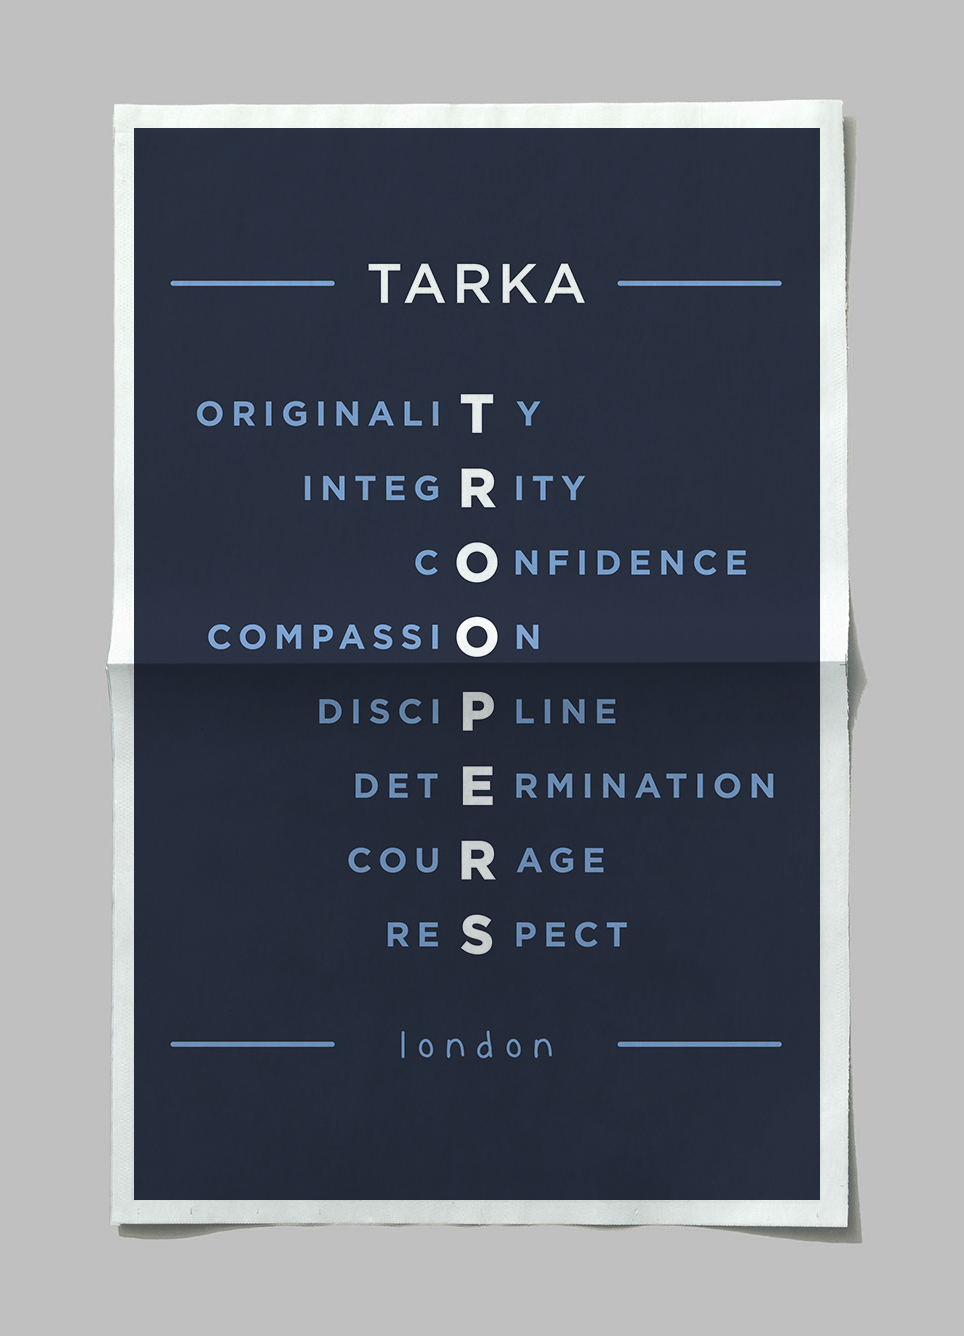 Tarka_PosterMockup.jpg